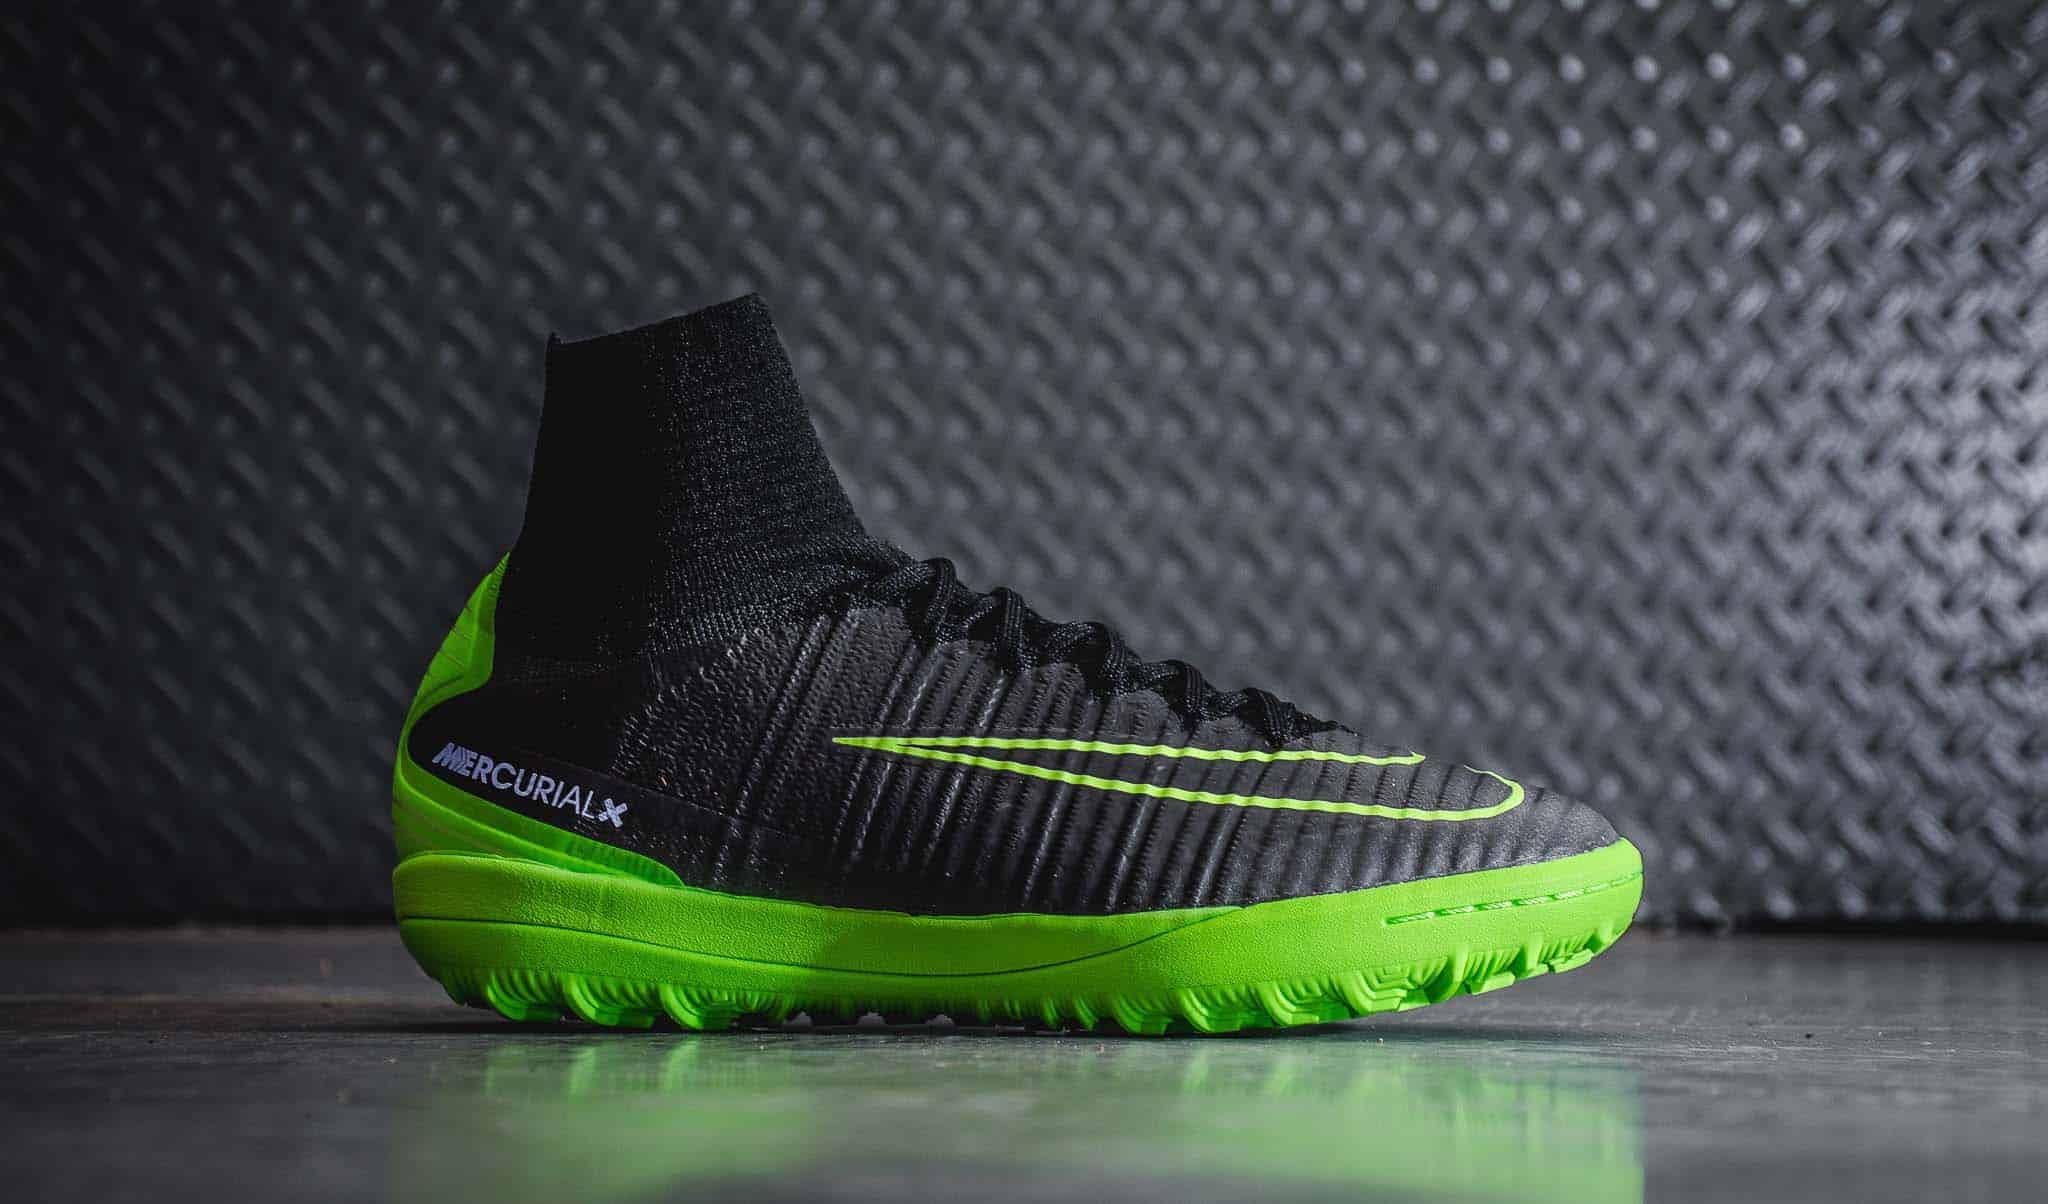 Có nhiều mẫu giày sân cỏ nhân tạo fake có hình thức giống giày chính hãng và chất lượng khá tốt